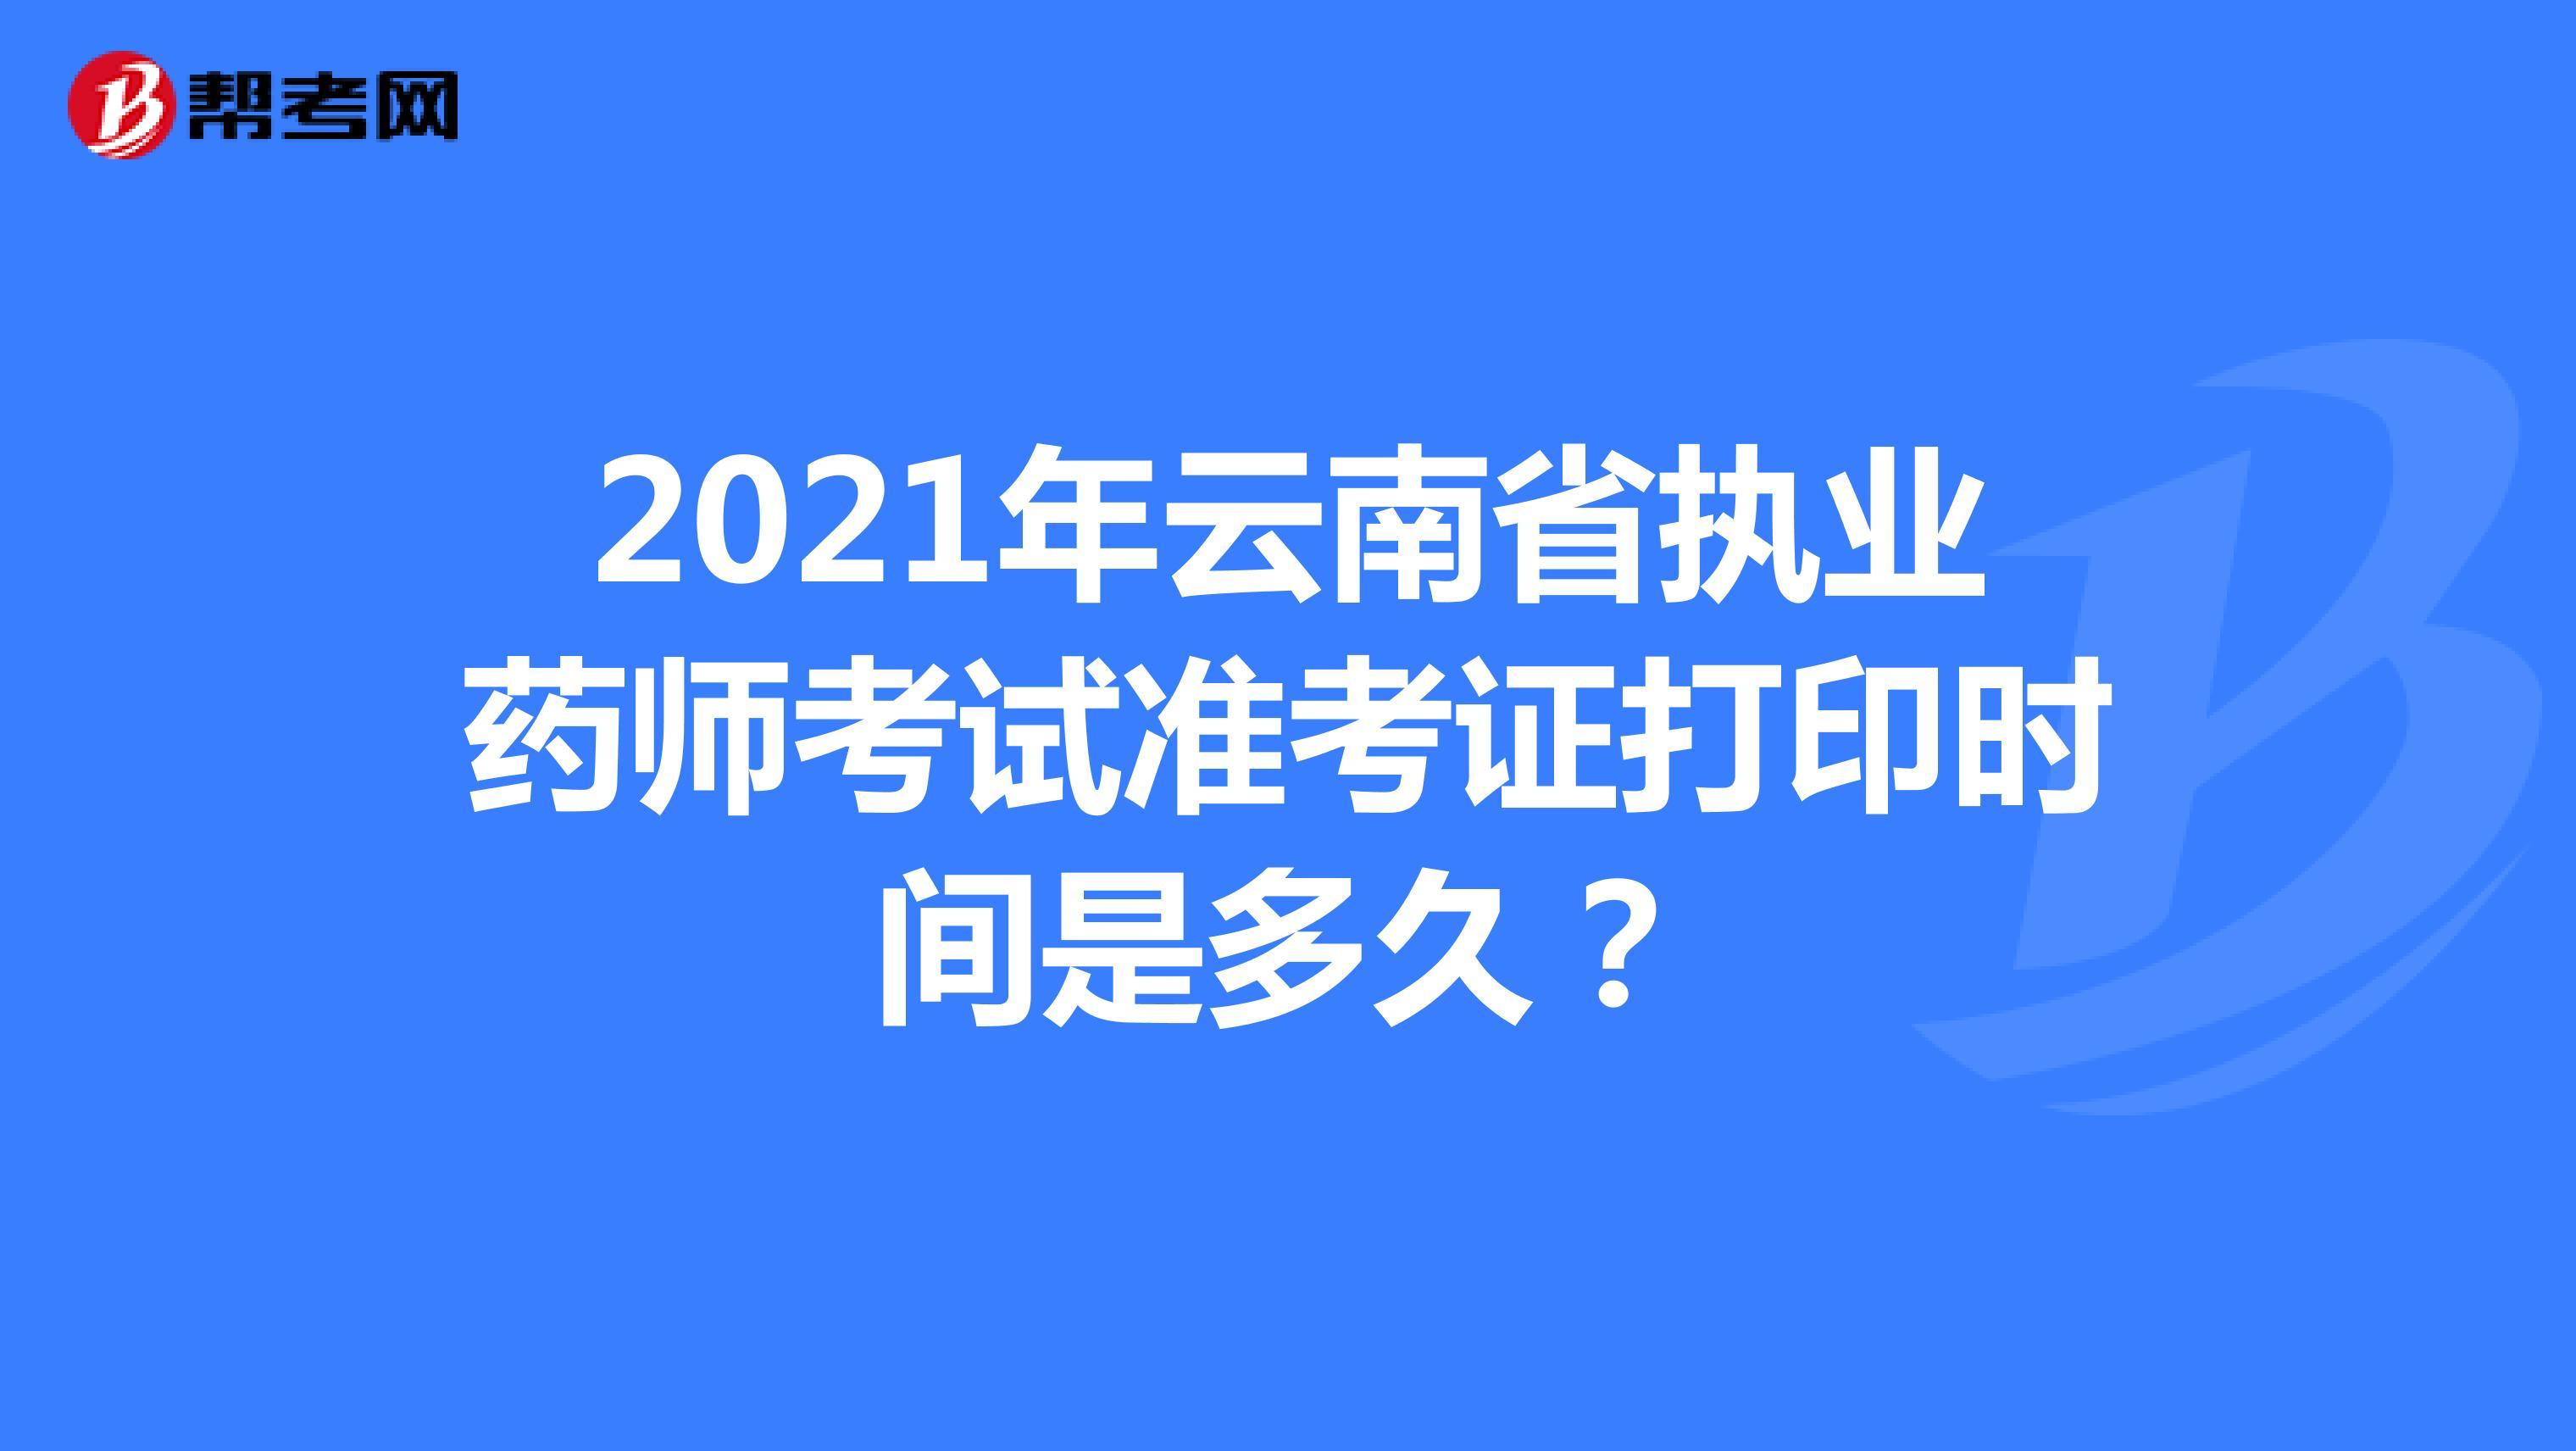 2021年云南省执业药师考试准考证打印时间是多久?